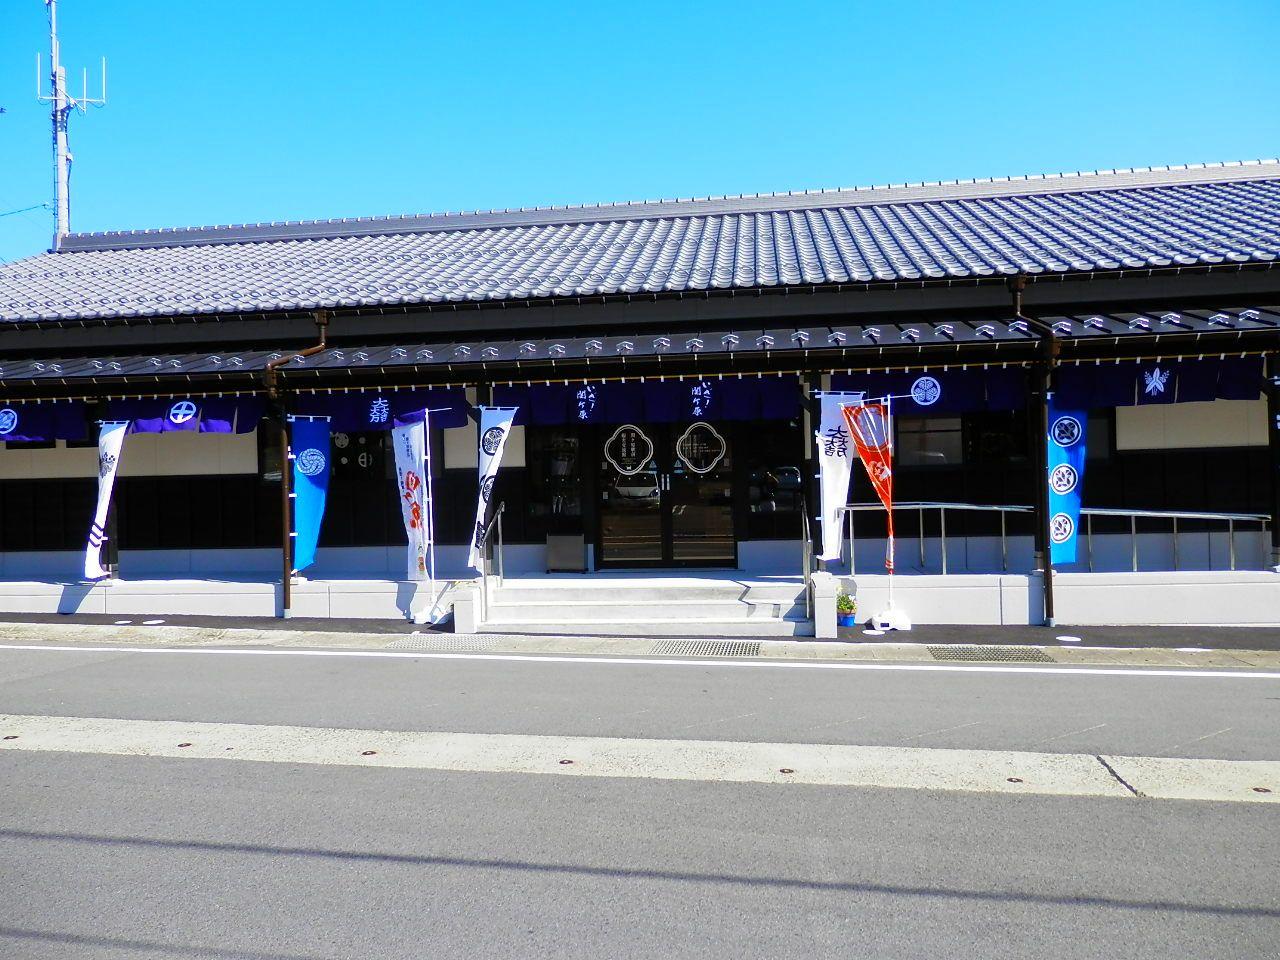 関ケ原駅前に観光交流館「いざ!関ケ原」がオープン